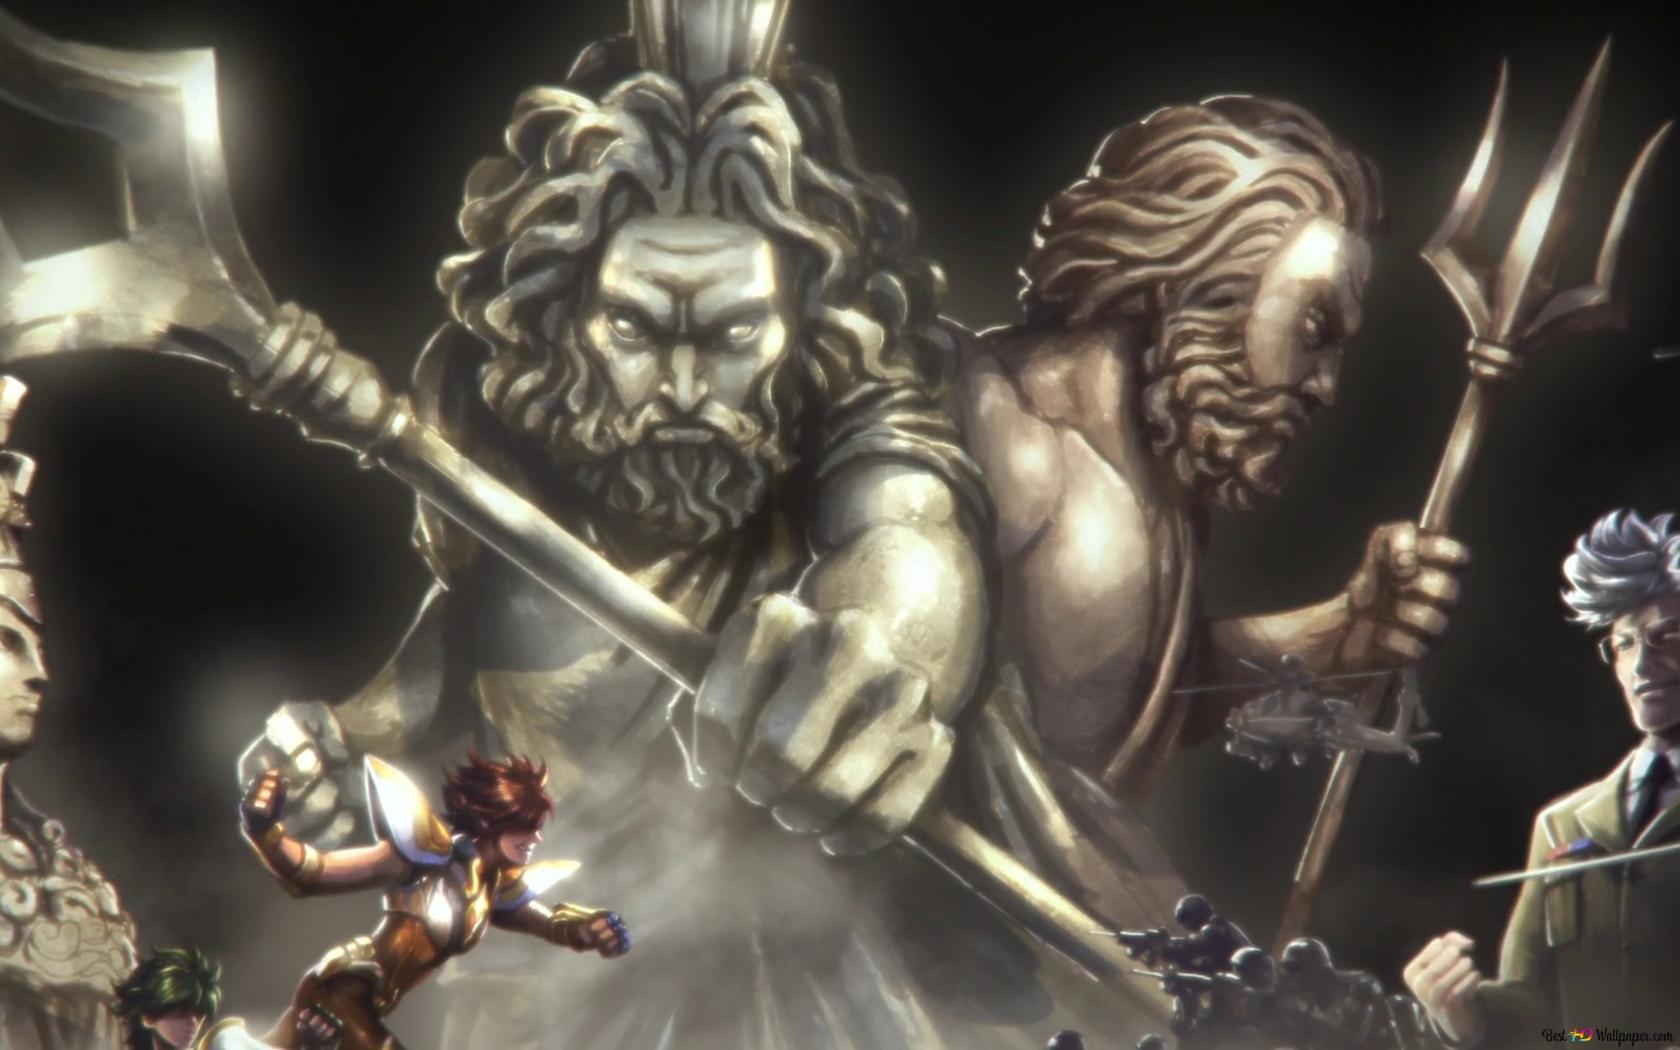 ゾディアックの騎士 聖闘士星矢 Hd壁紙のダウンロード